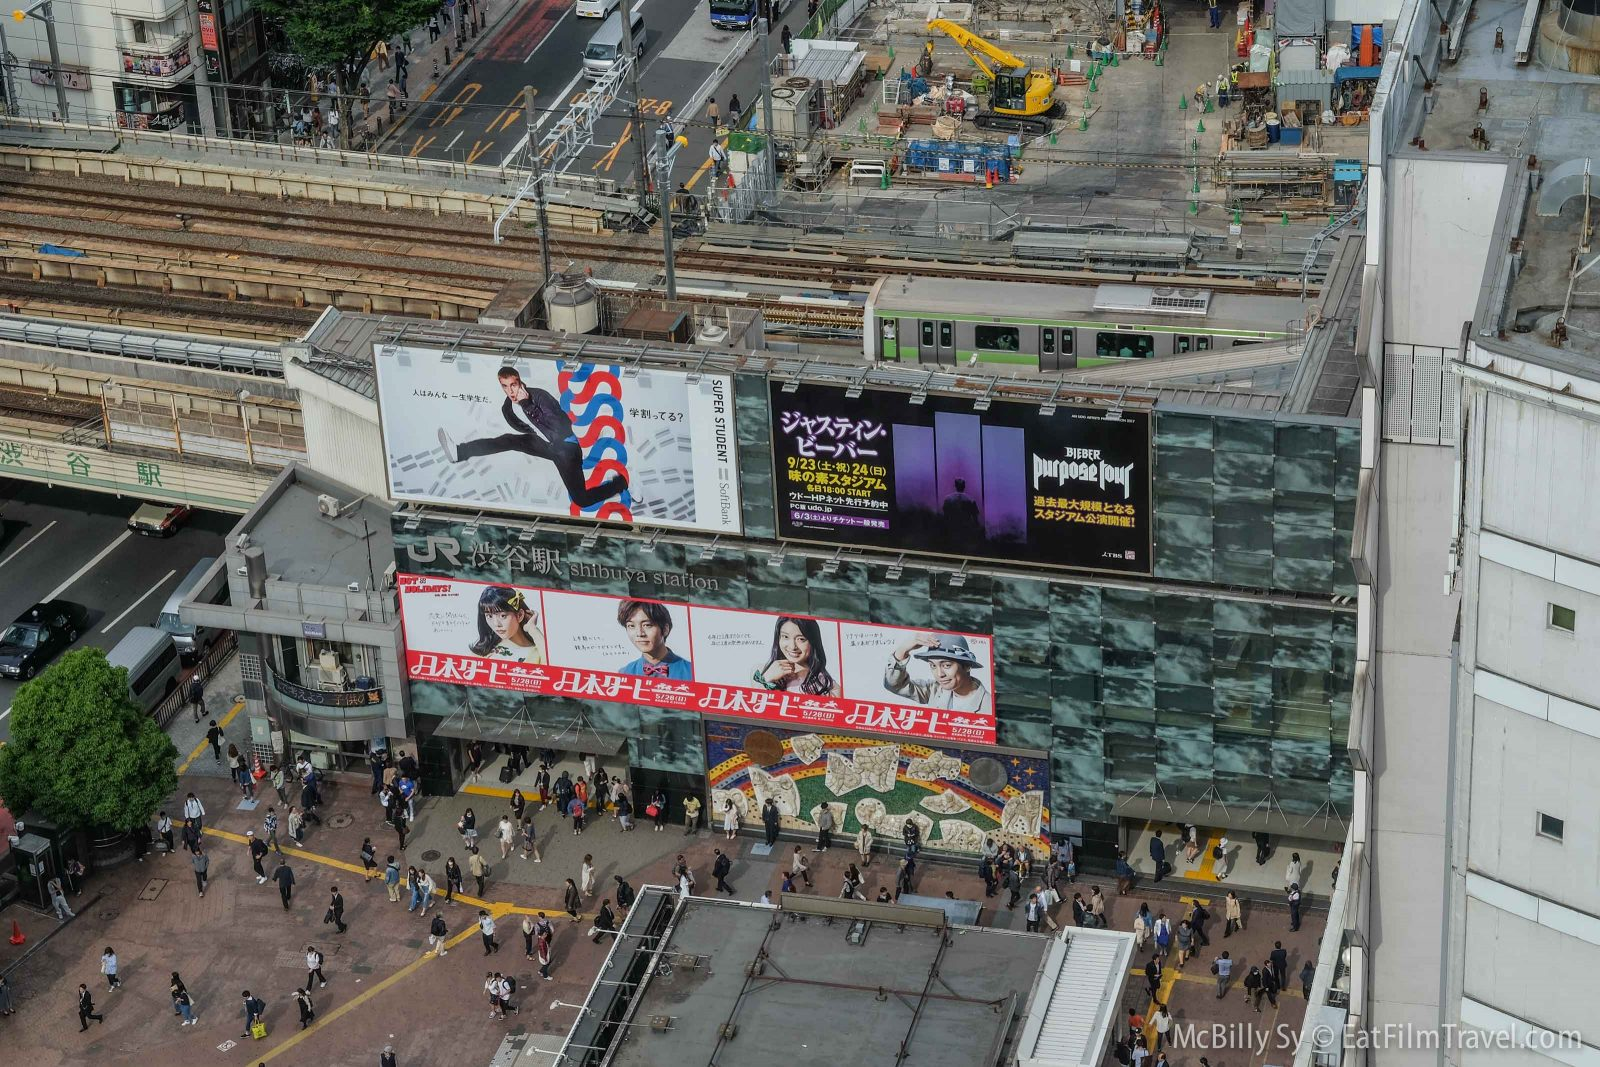 Shibuya aerial view